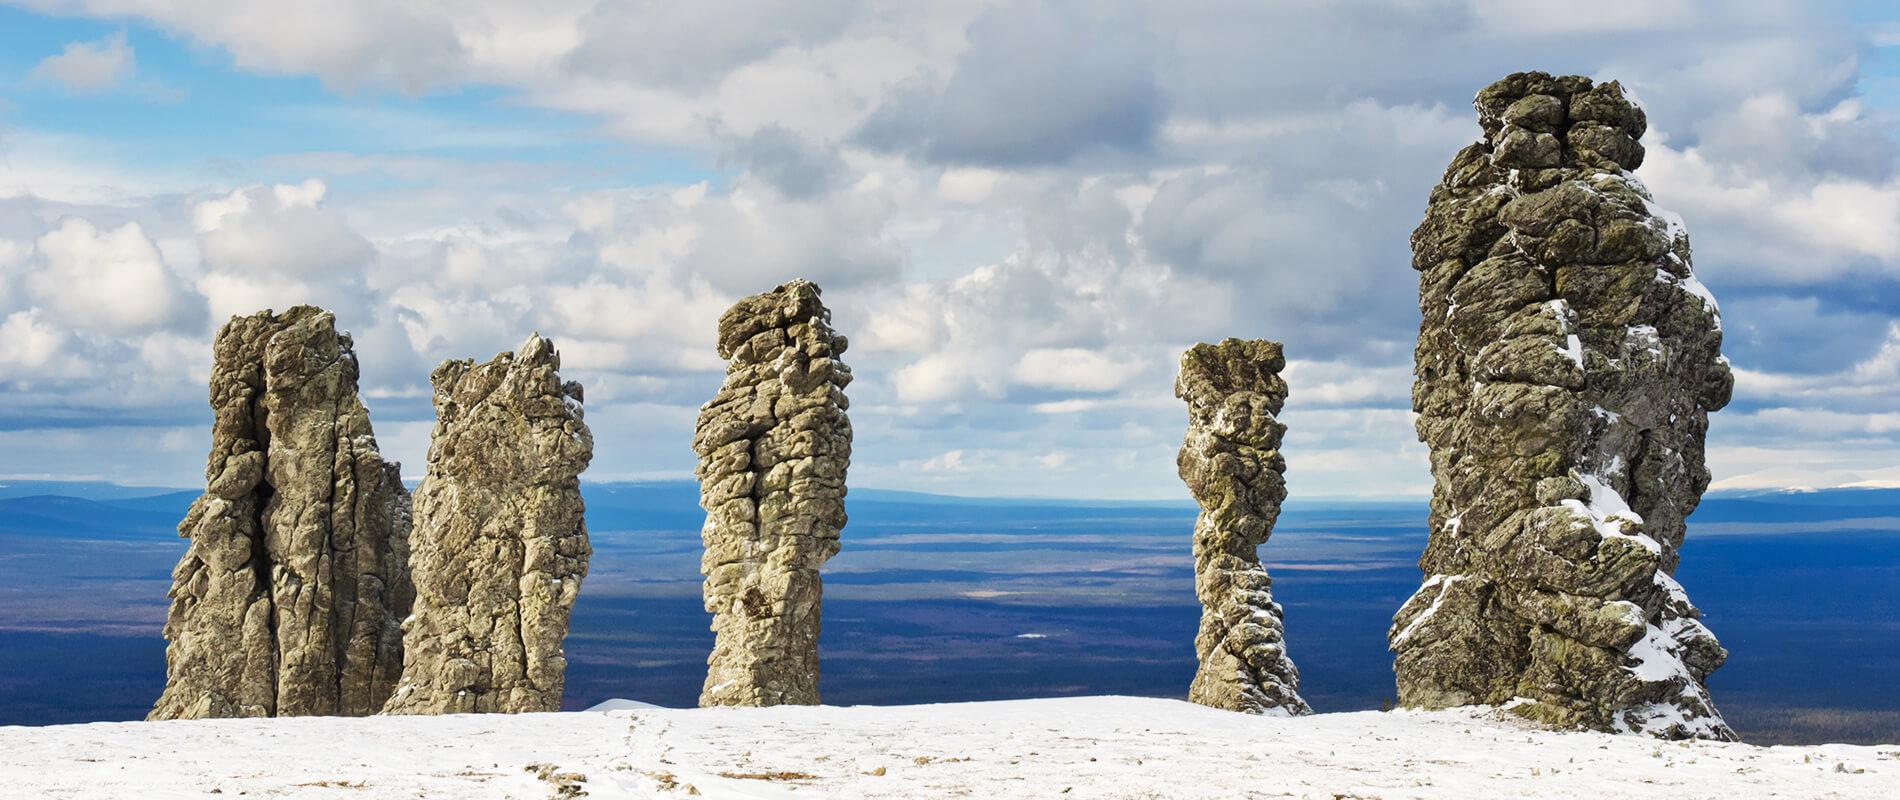 Manpupuner, i sette giganti di pietra degli Urali